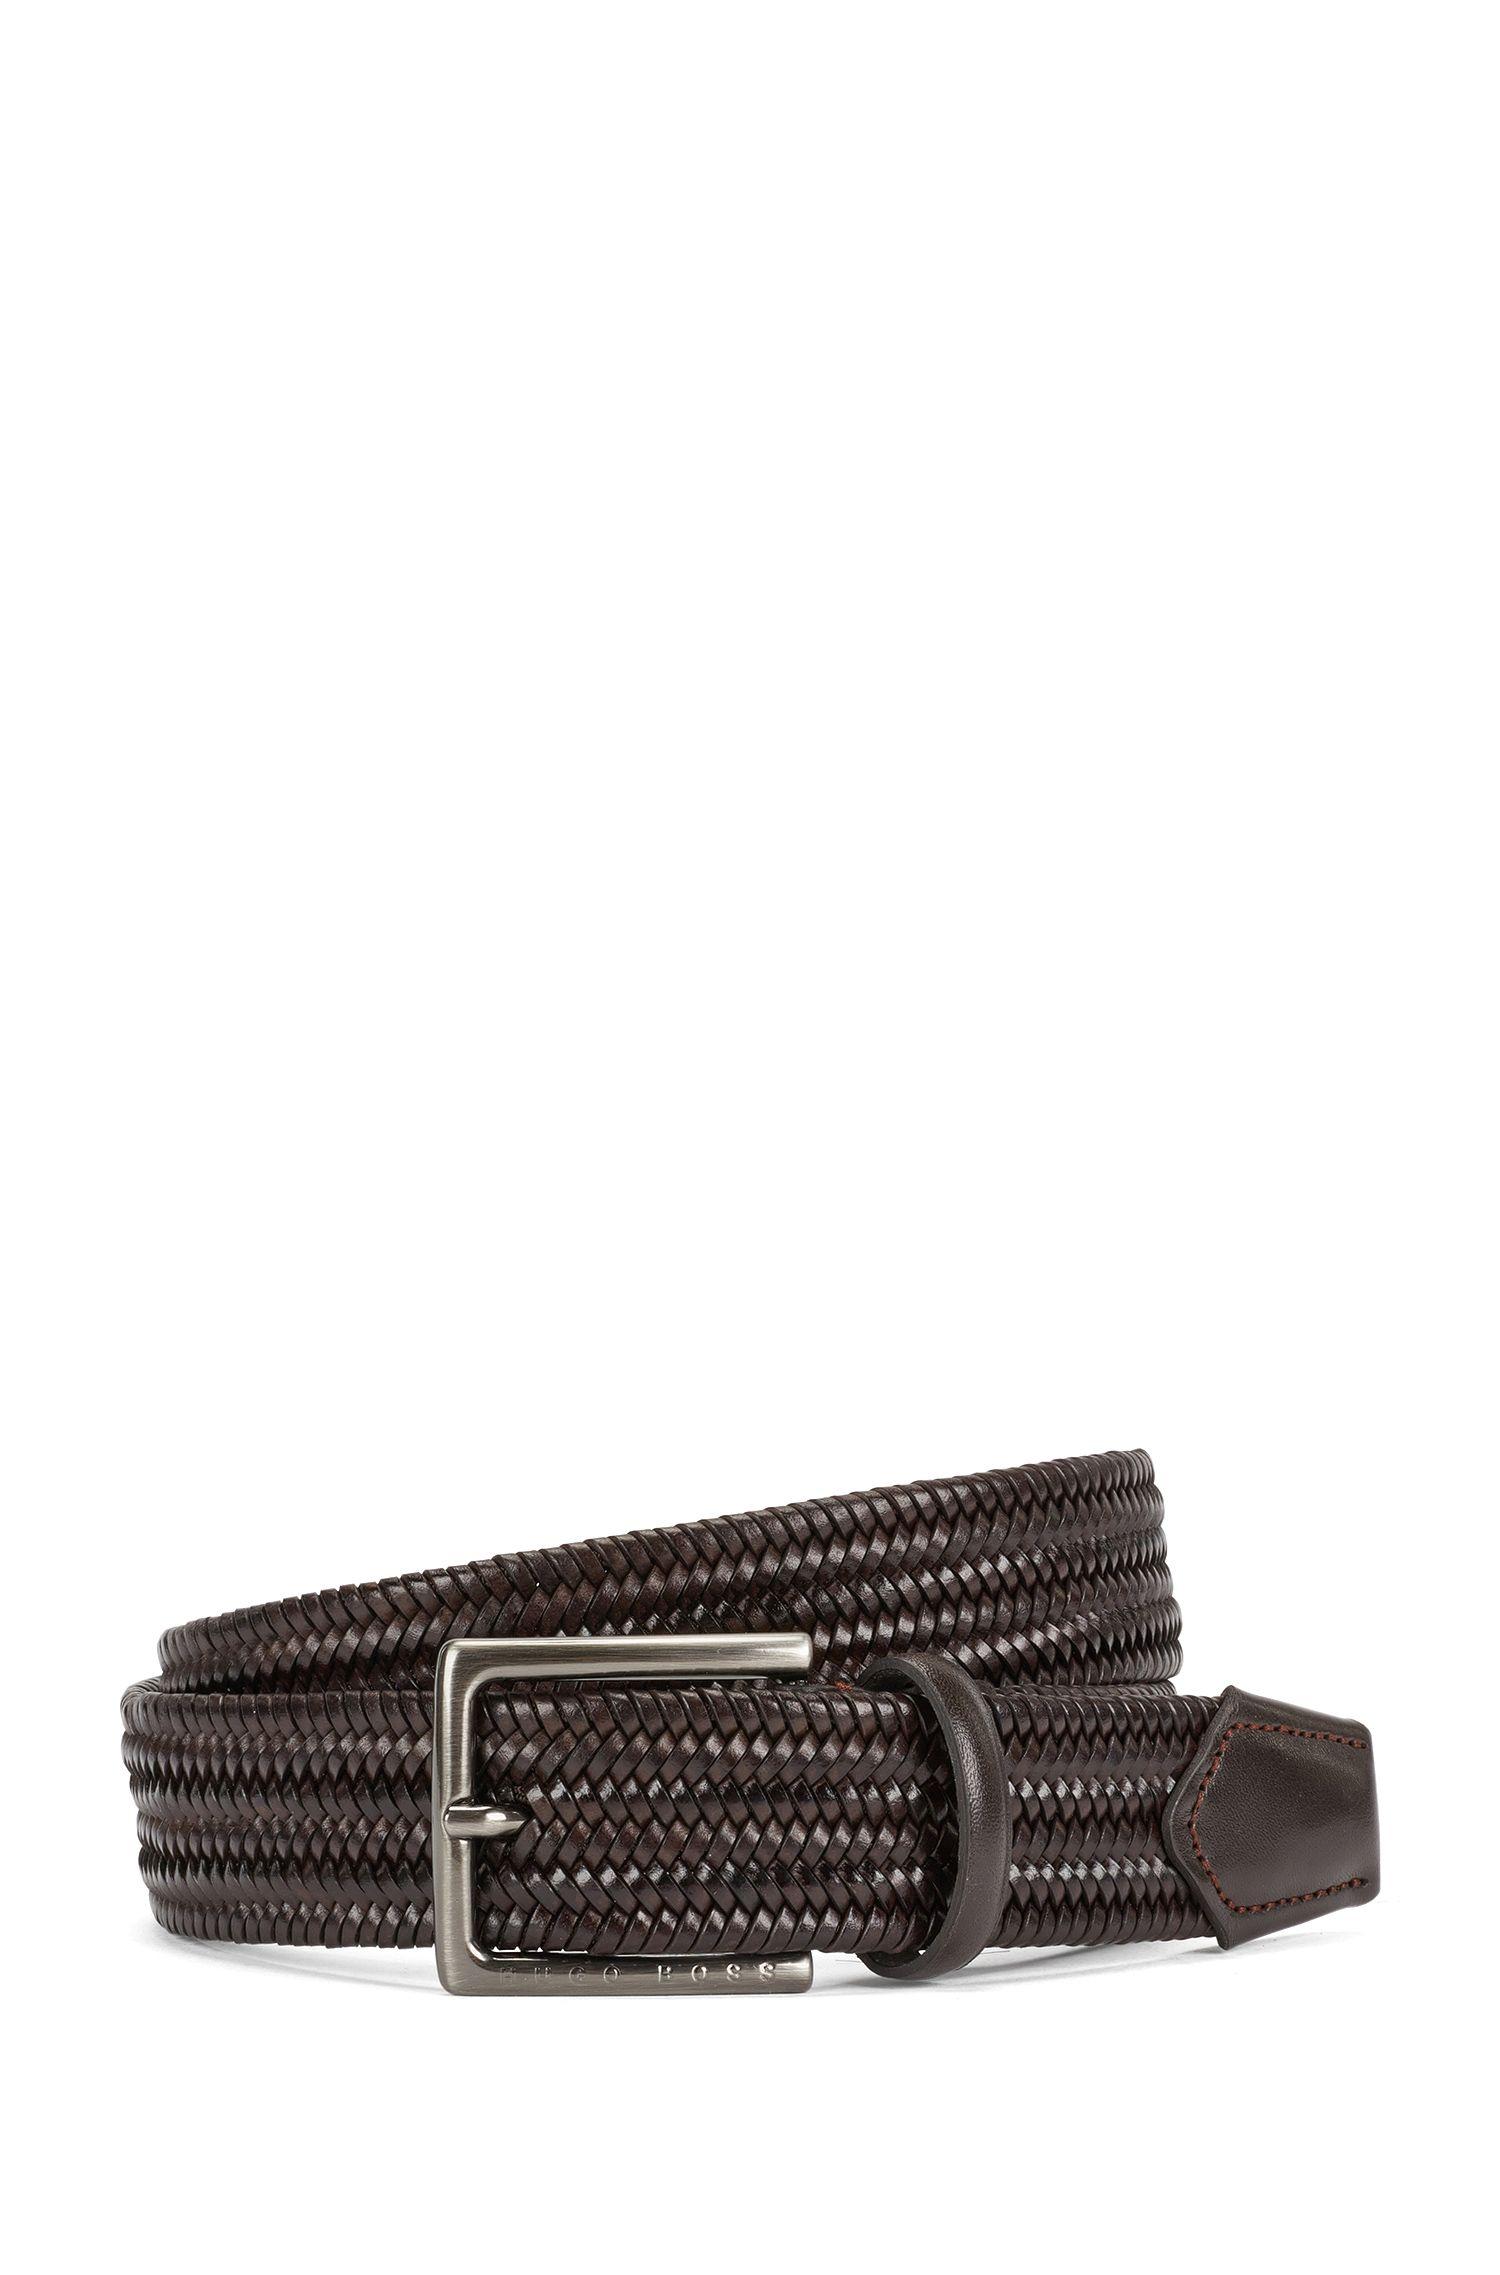 'Semyo Sz35 Mxwn' | Leather Handcrafted Braided Belt